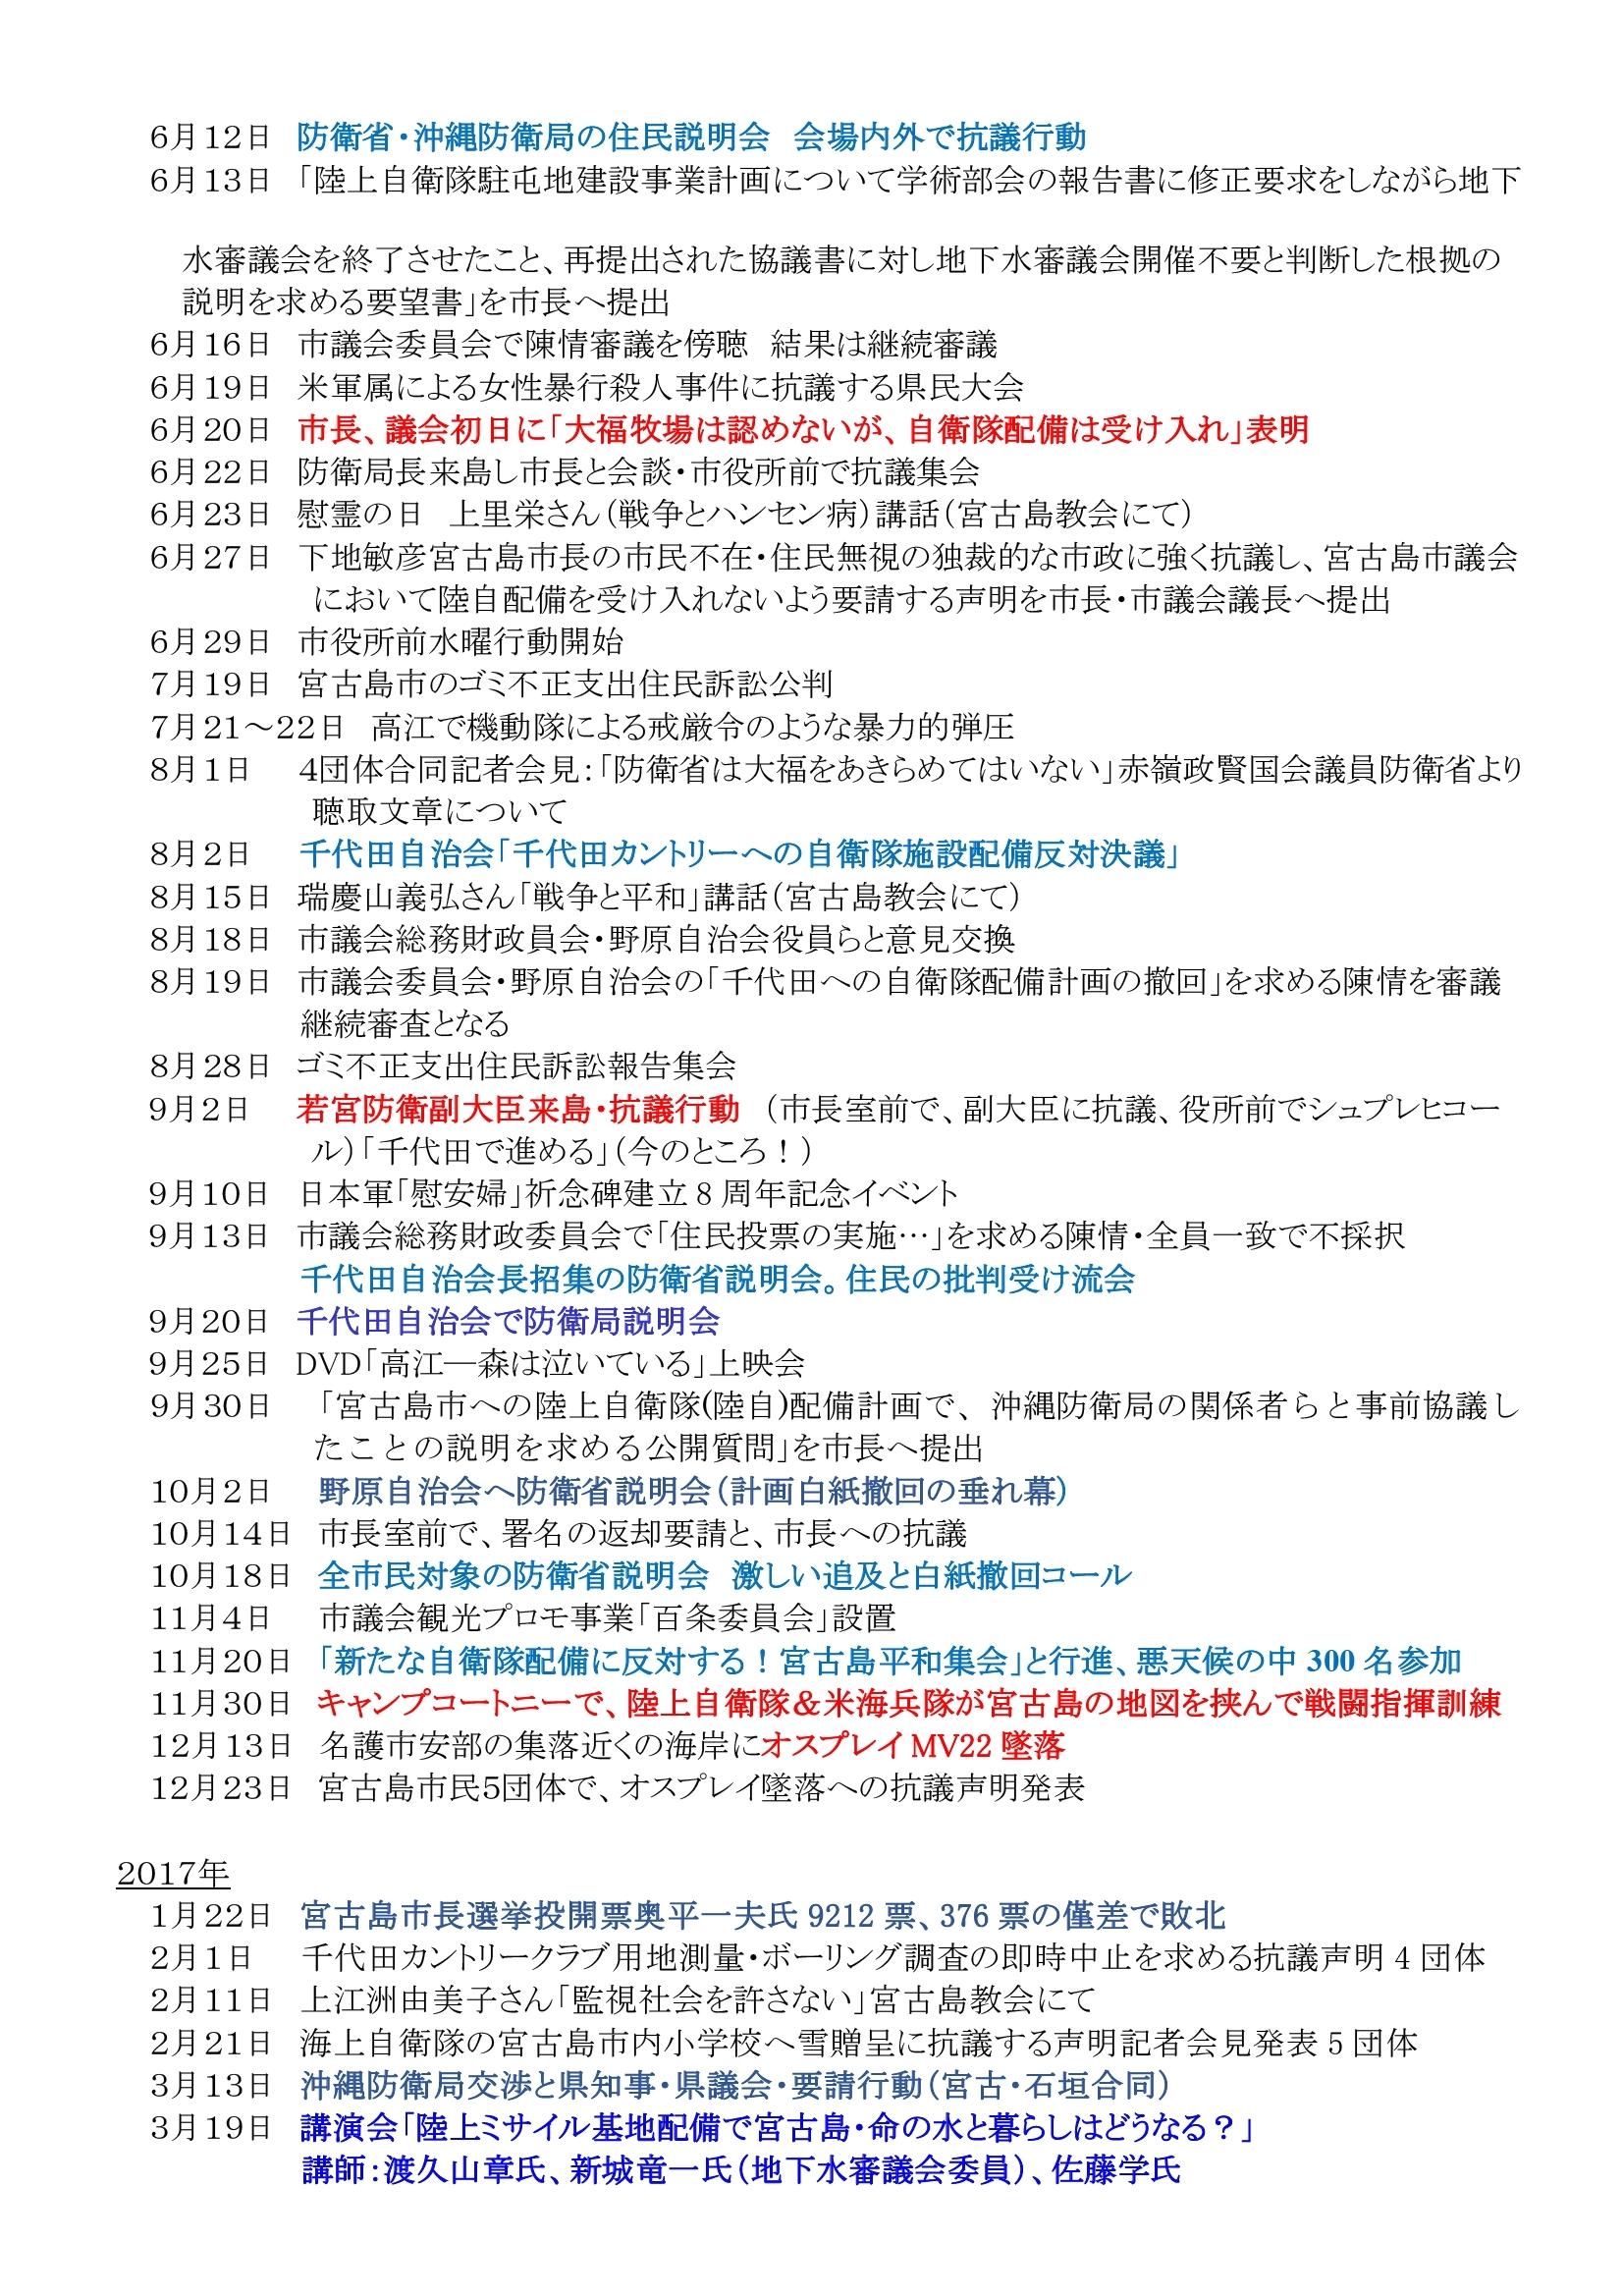 年表:宮古島における反軍反基地の闘い2010~2019 (1)0007